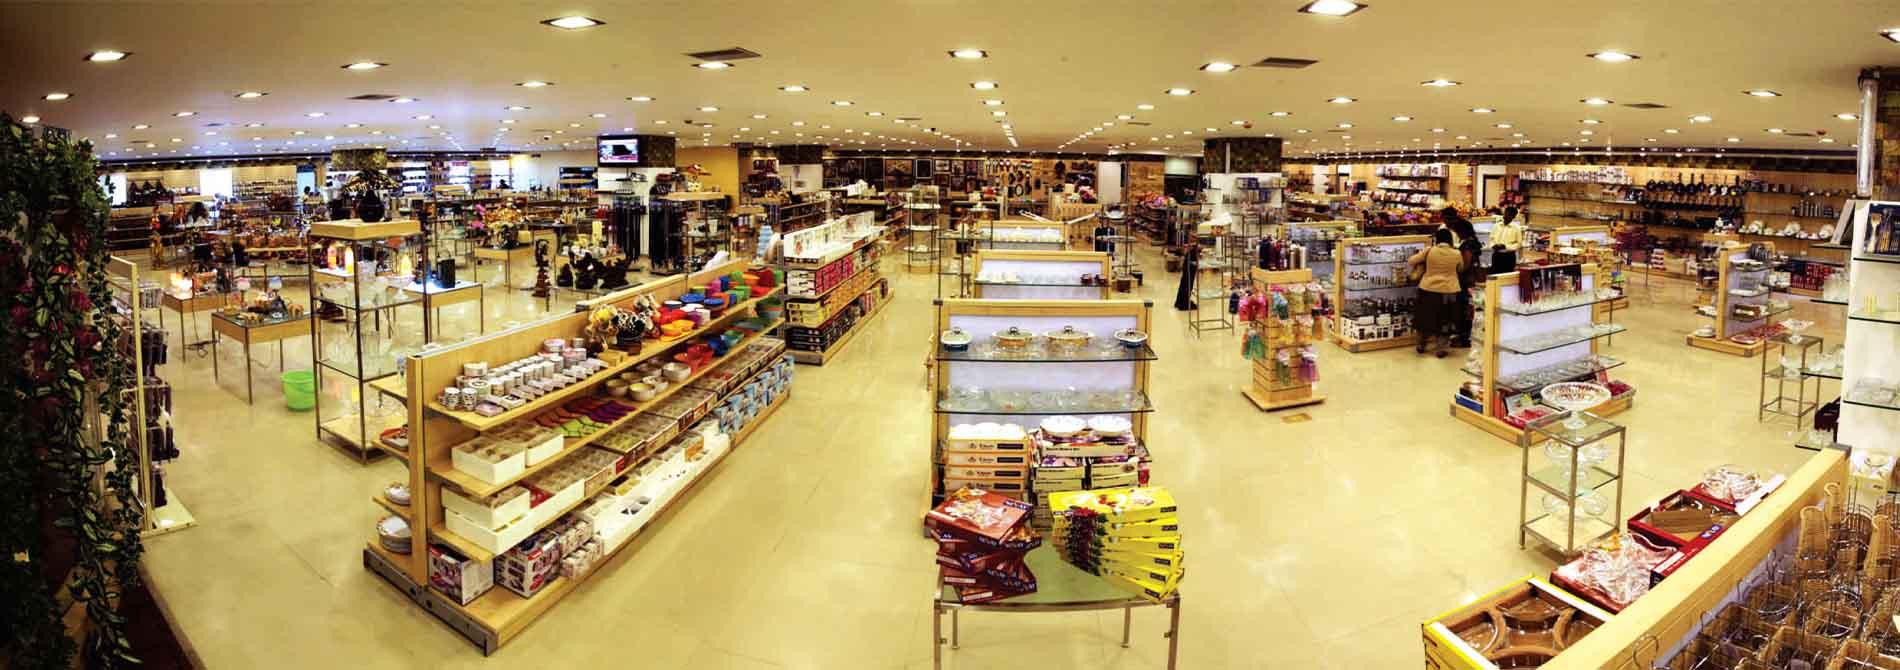 Hypermarket Qatar